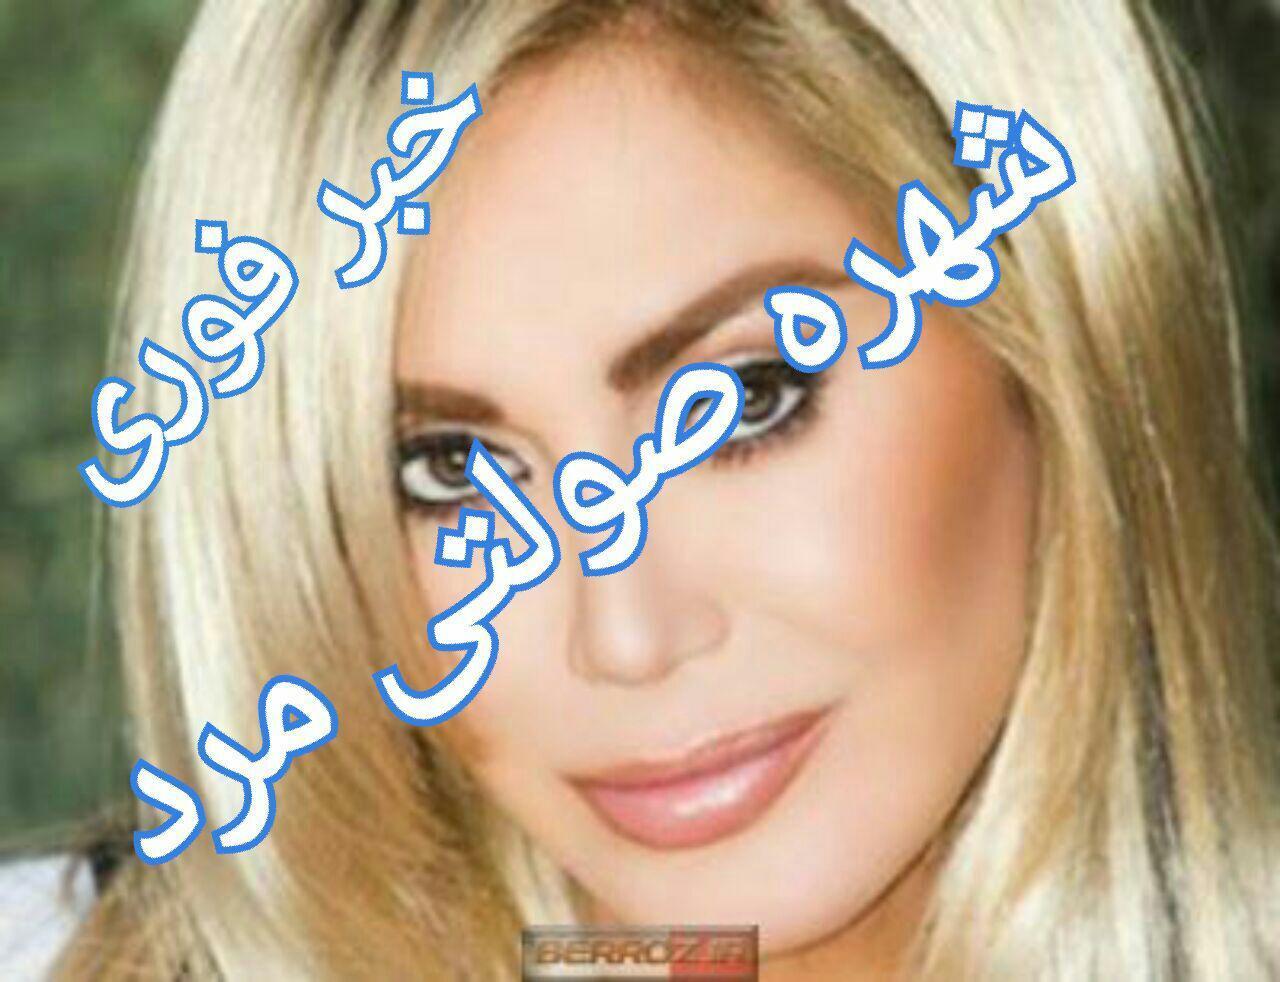 مرگ شهره صولتی ♥حجت فاتح ♥